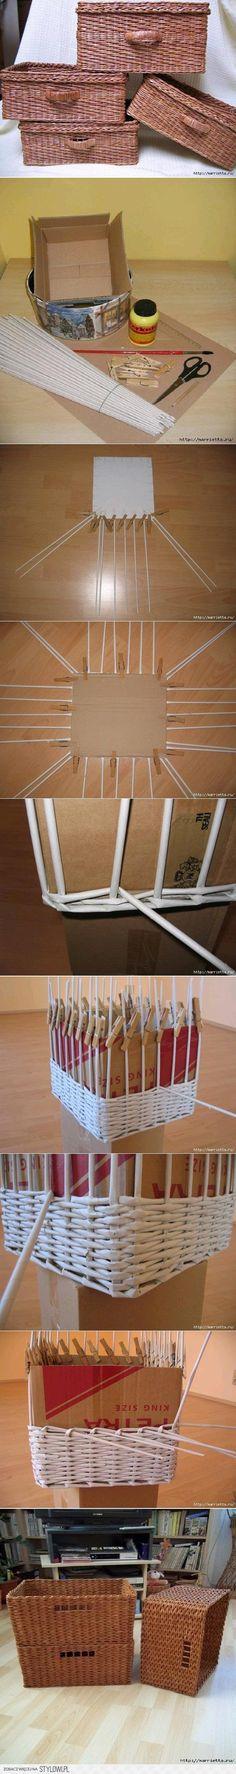 DIY Newspaper Weave Basket DIY Projects | UsefulDIY.com na Stylowi.pl